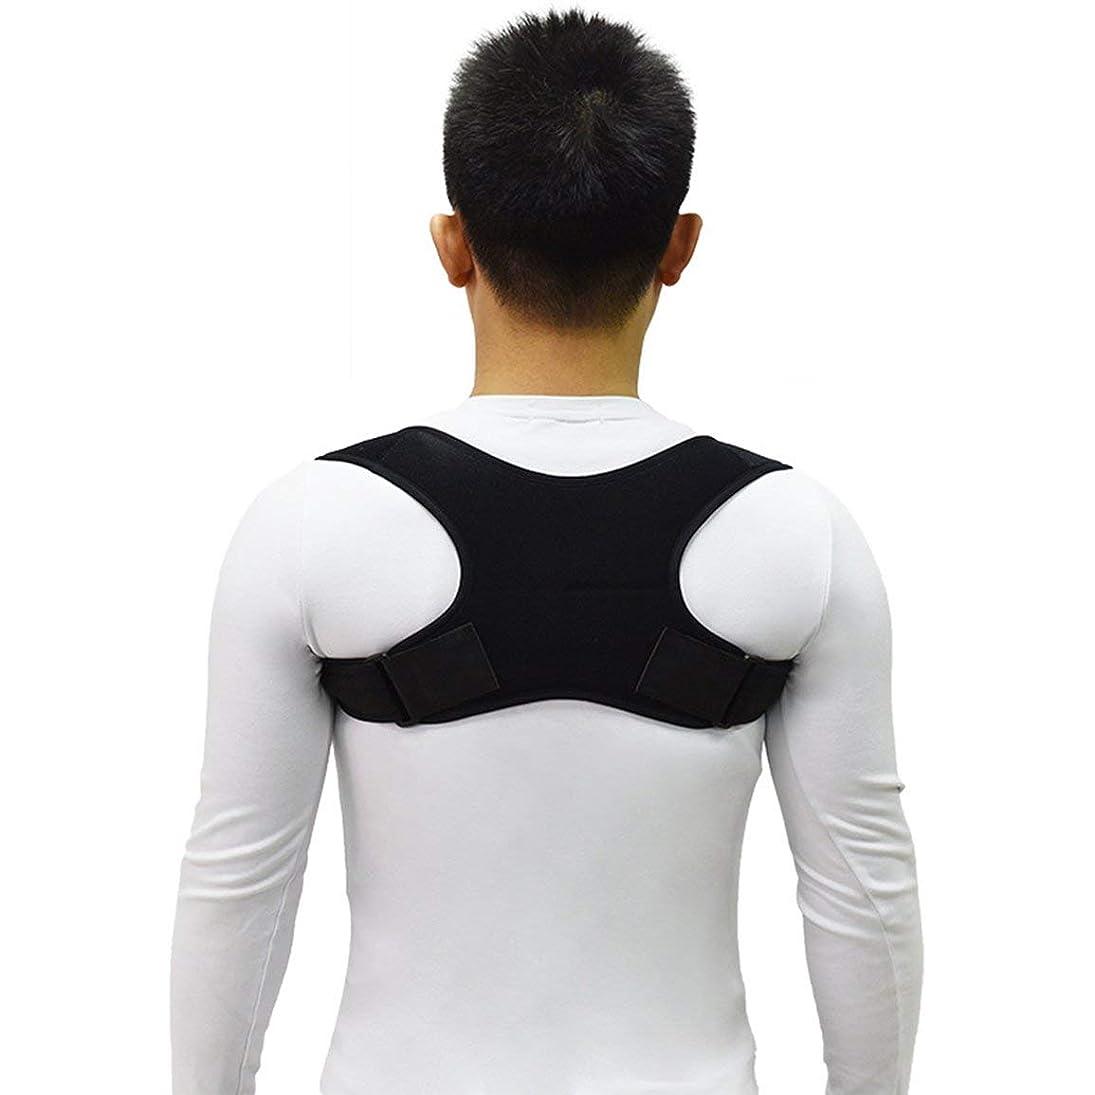 遺伝子国内のマージ新しいアッパーバックポスチャーコレクター姿勢鎖骨サポートコレクターバックストレートショルダーブレースストラップコレクター - ブラック